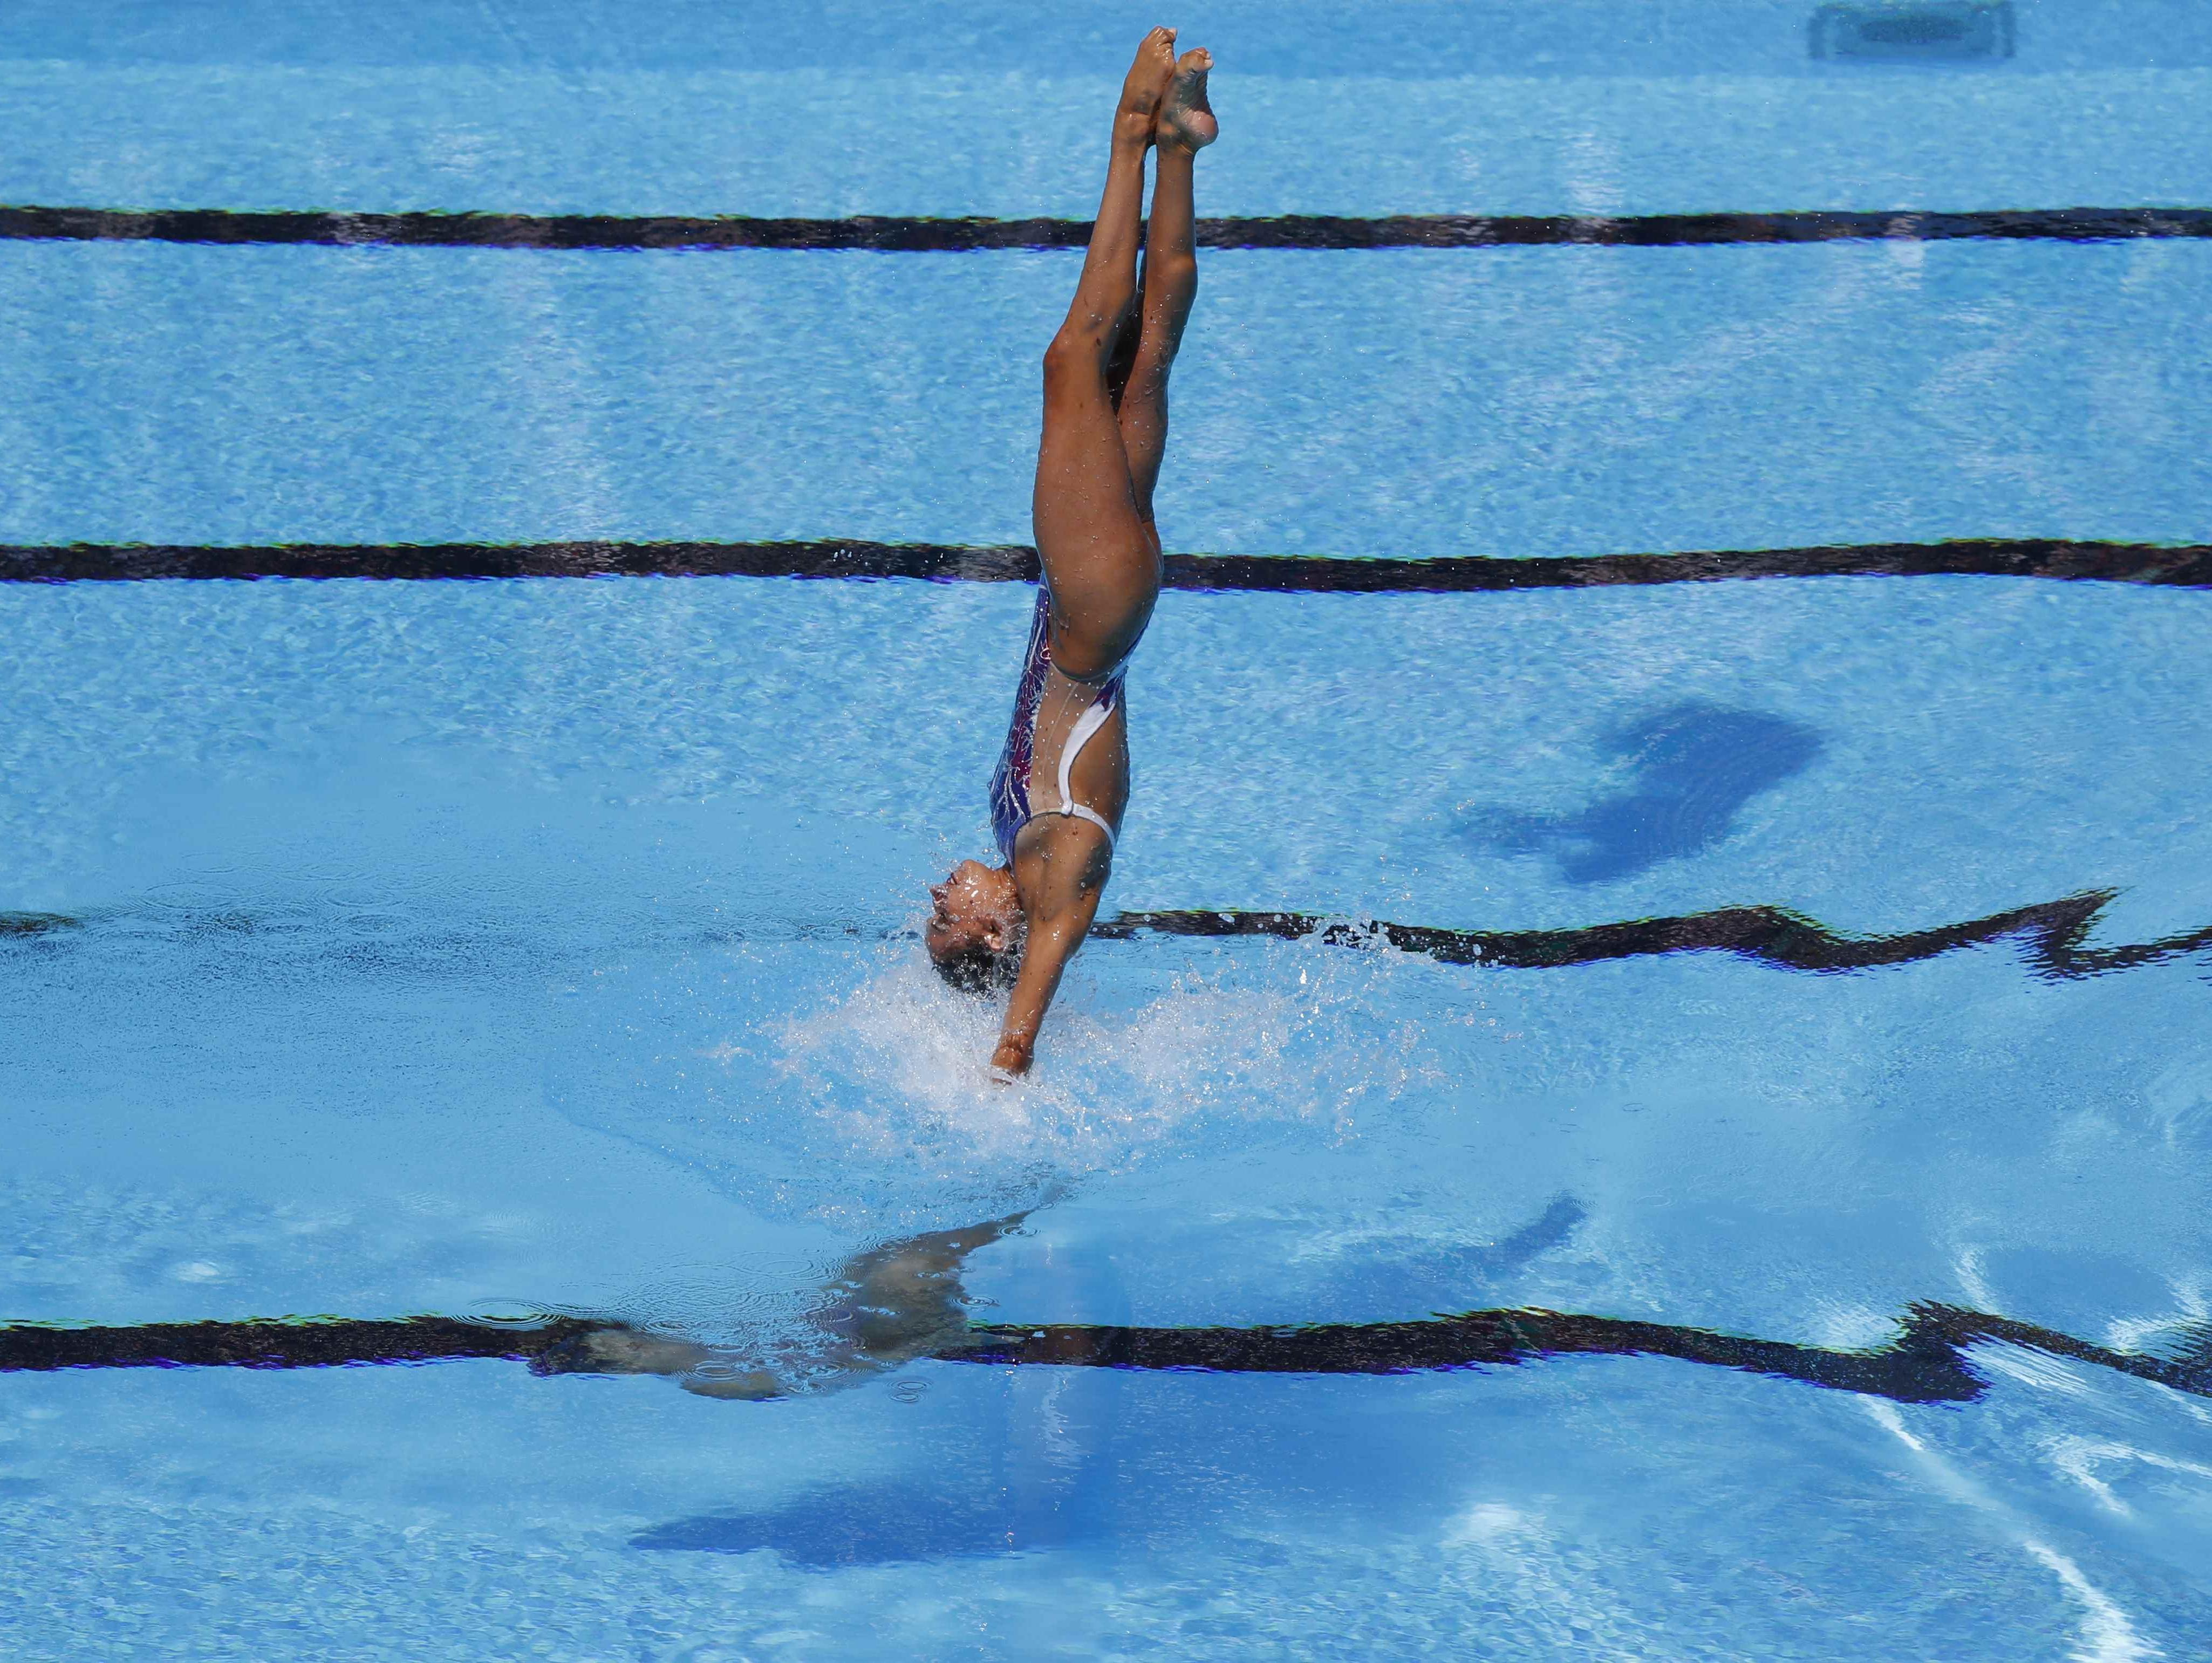 באו להוריד: בריכות שחייה גרמו לעשרות אלפים לחלות בשנים האחרונות